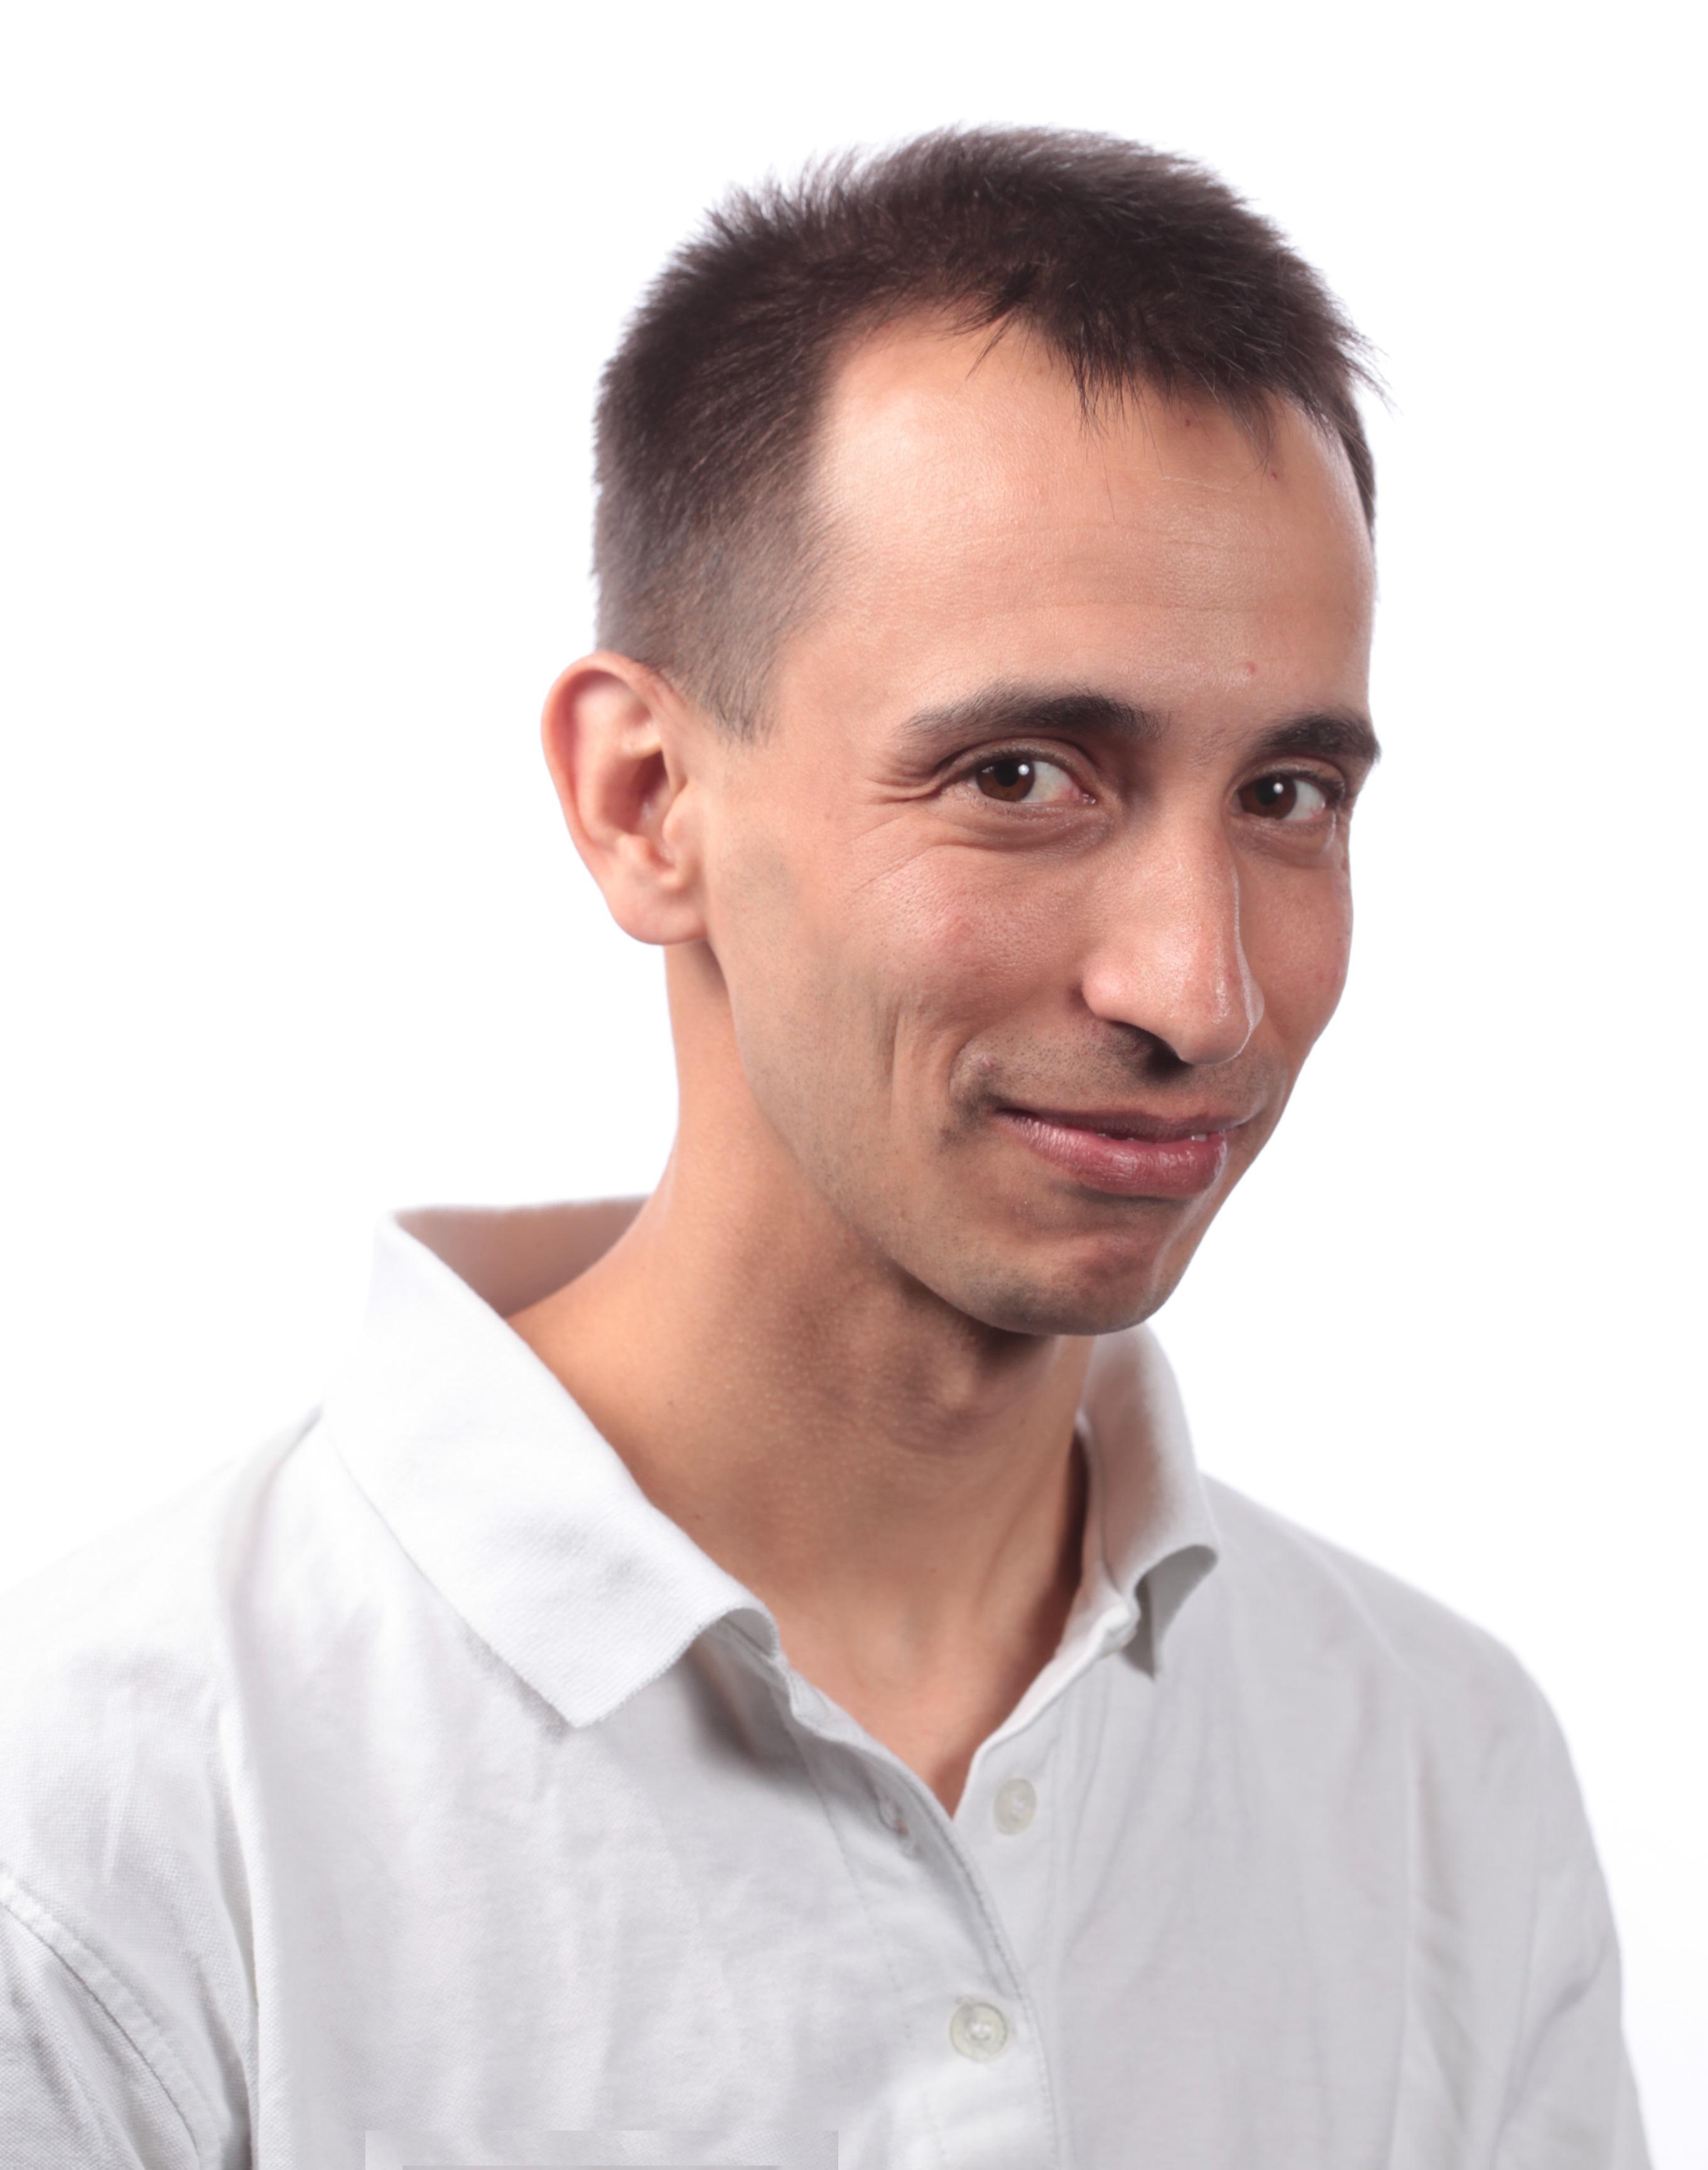 דקל נוי